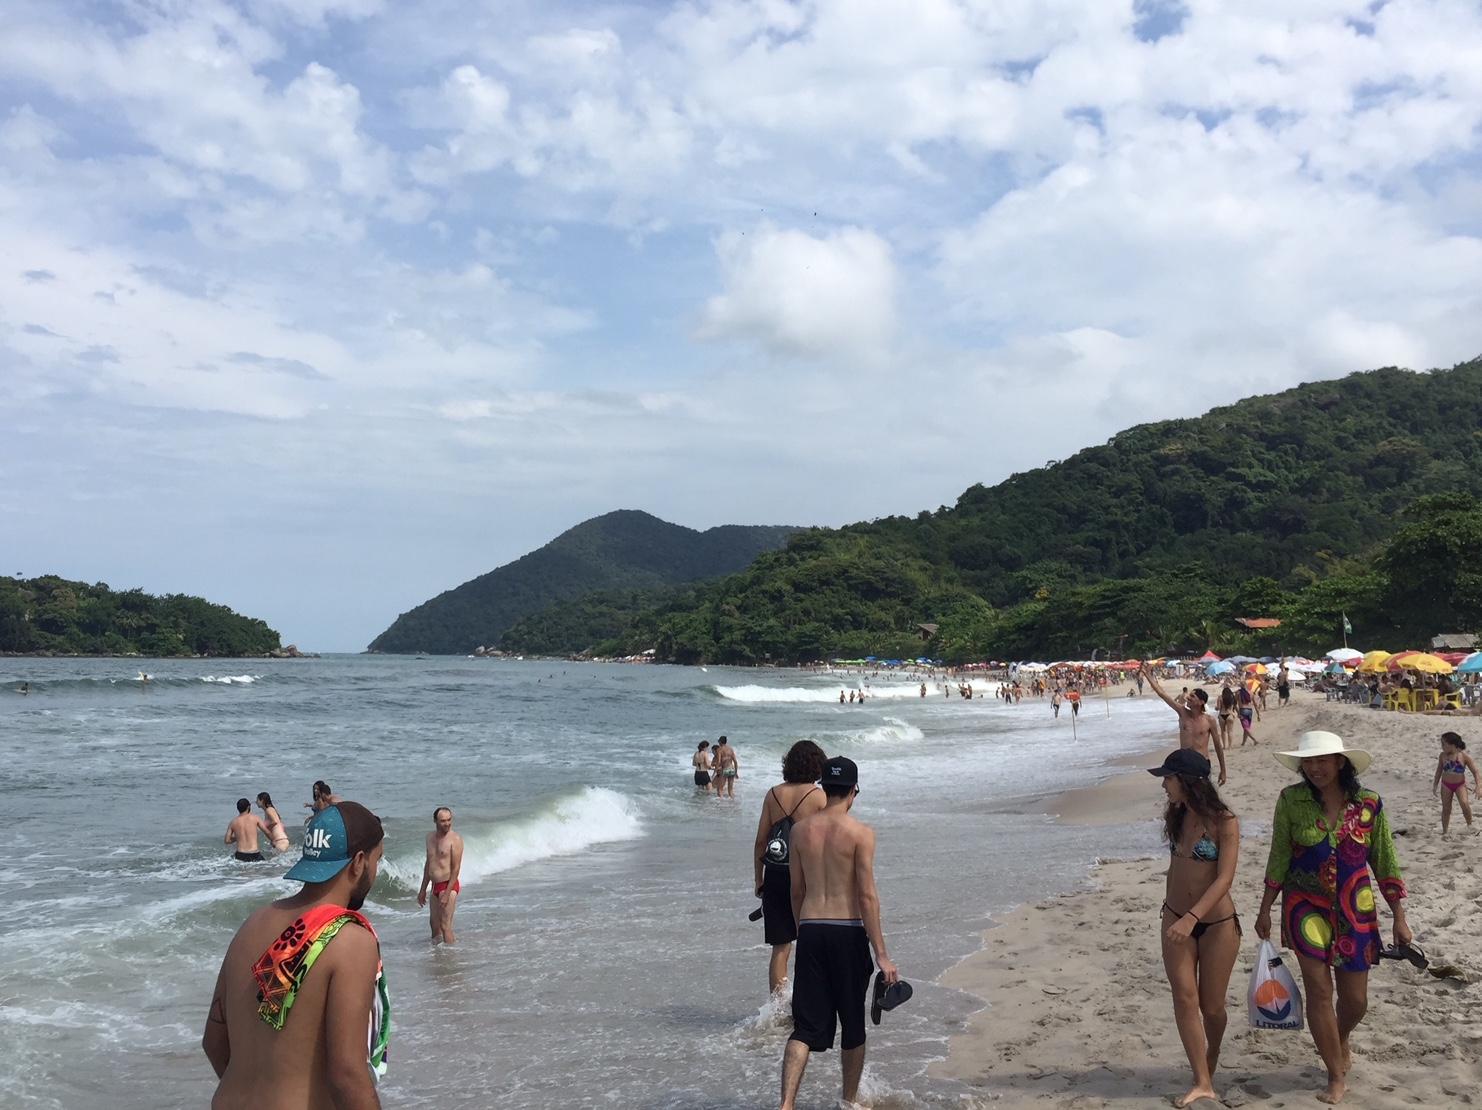 Vista del mar y la arena en Playa Blanca, Guarujá